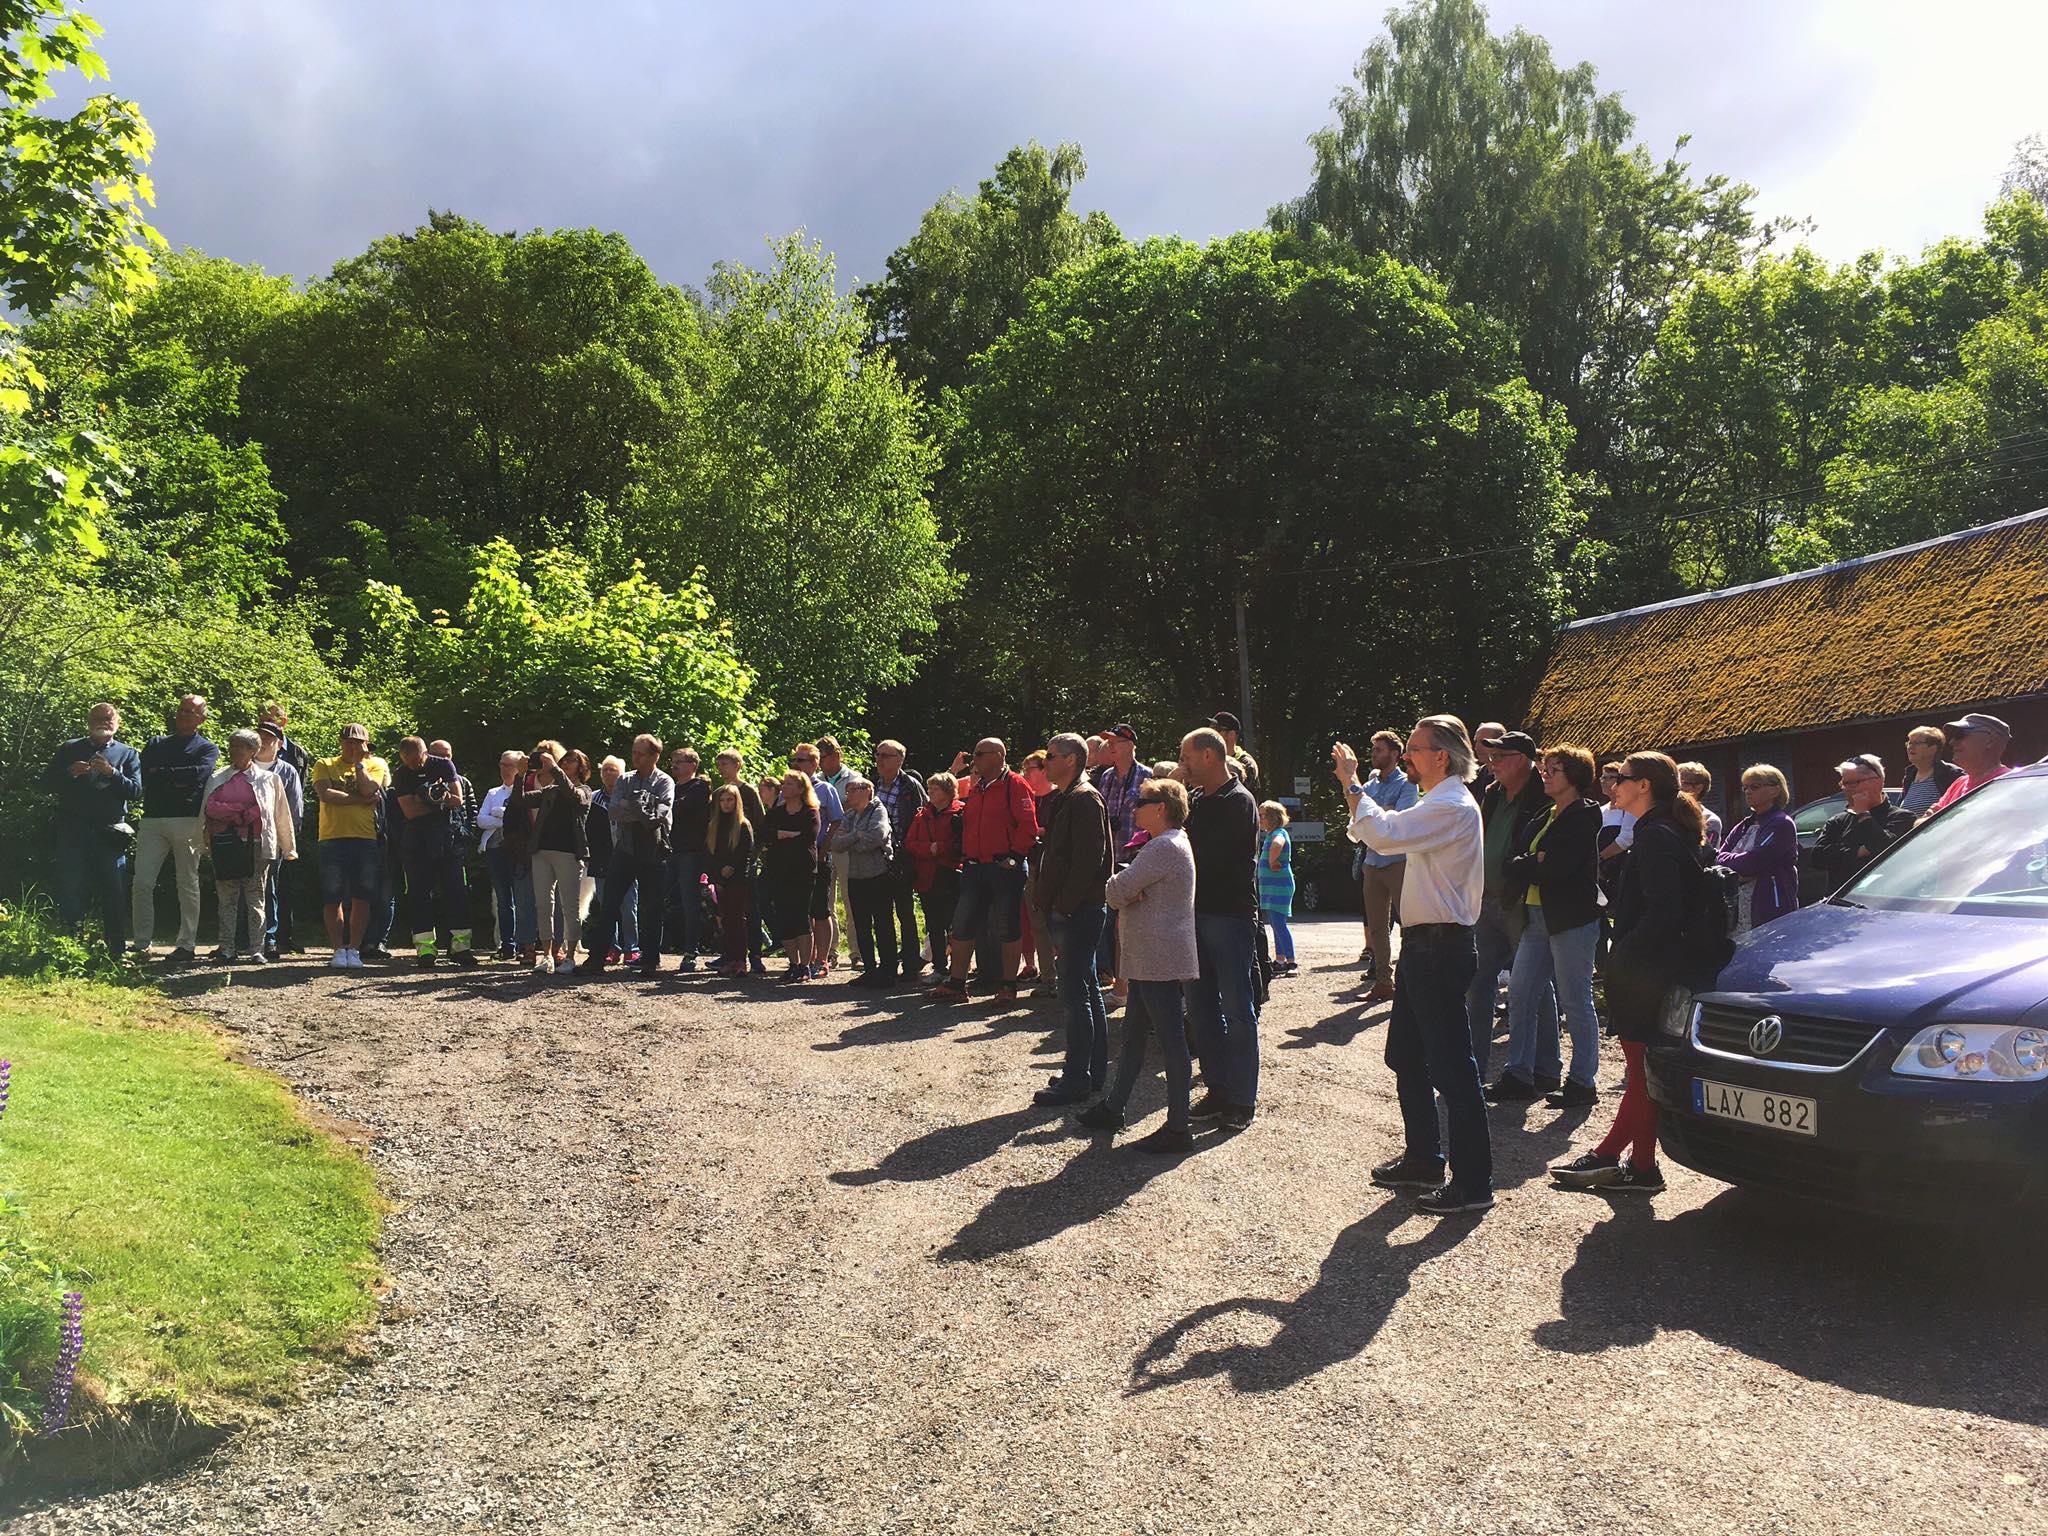 Viktors affärshus- Solskensdagen 2017 med invigning av Viktors affärshus